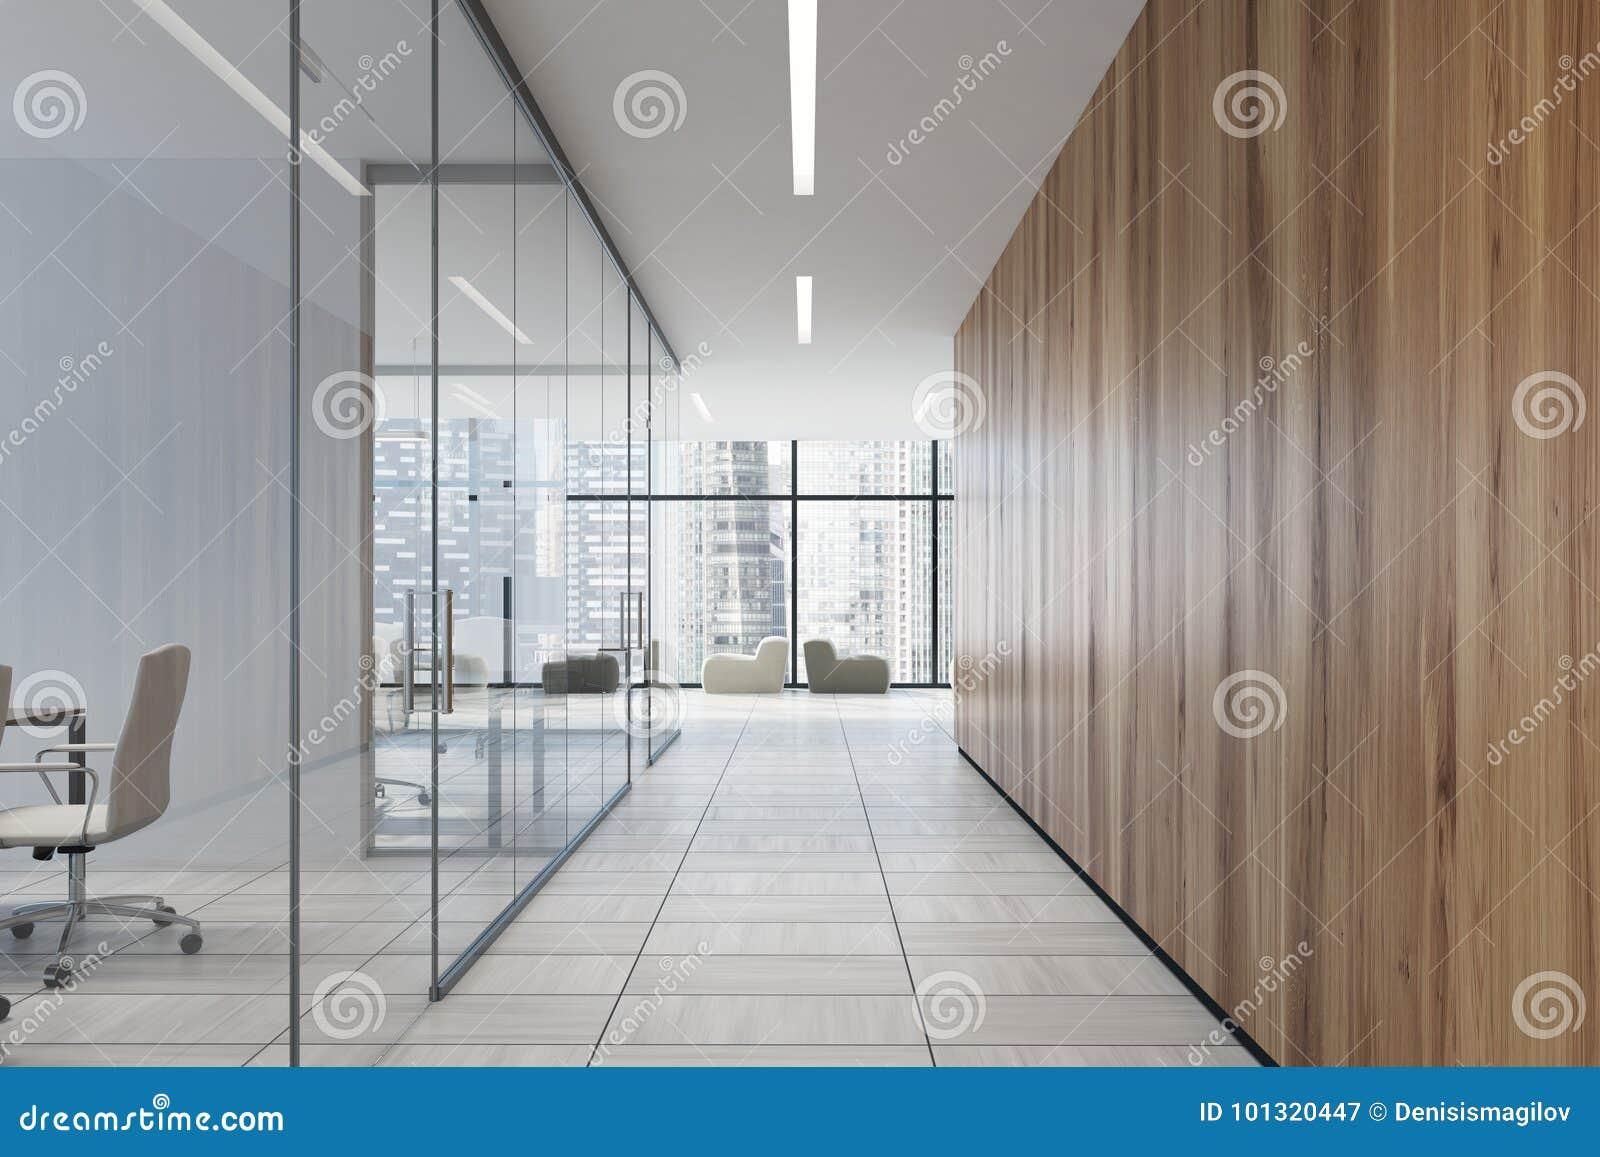 Ufficio Legno E Vetro : Corridoio di vetro e di legno dellufficio illustrazione di stock